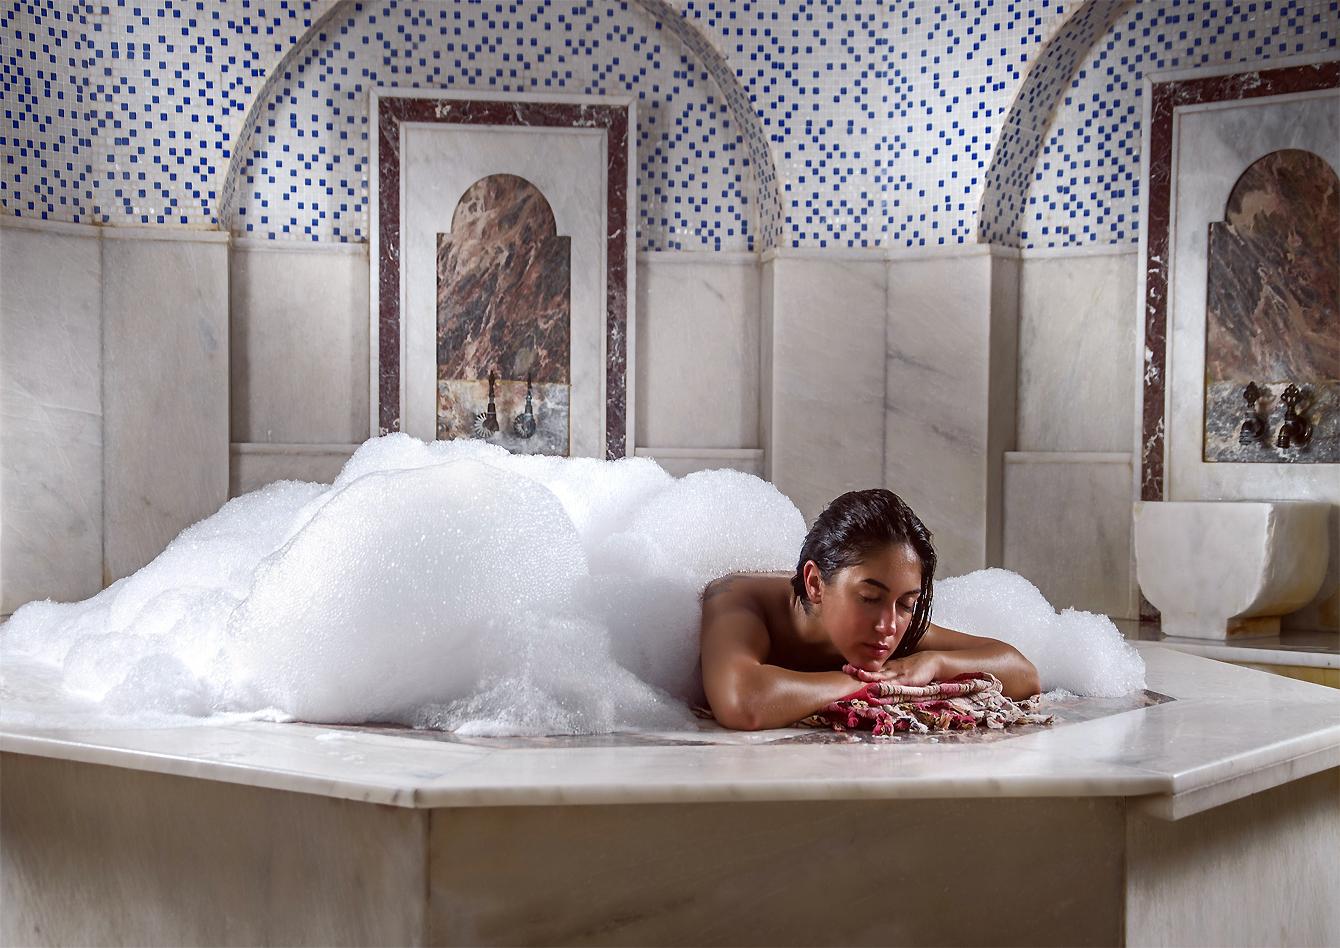 Турецкая баня хамам – польза для здоровья и ощущение благодати